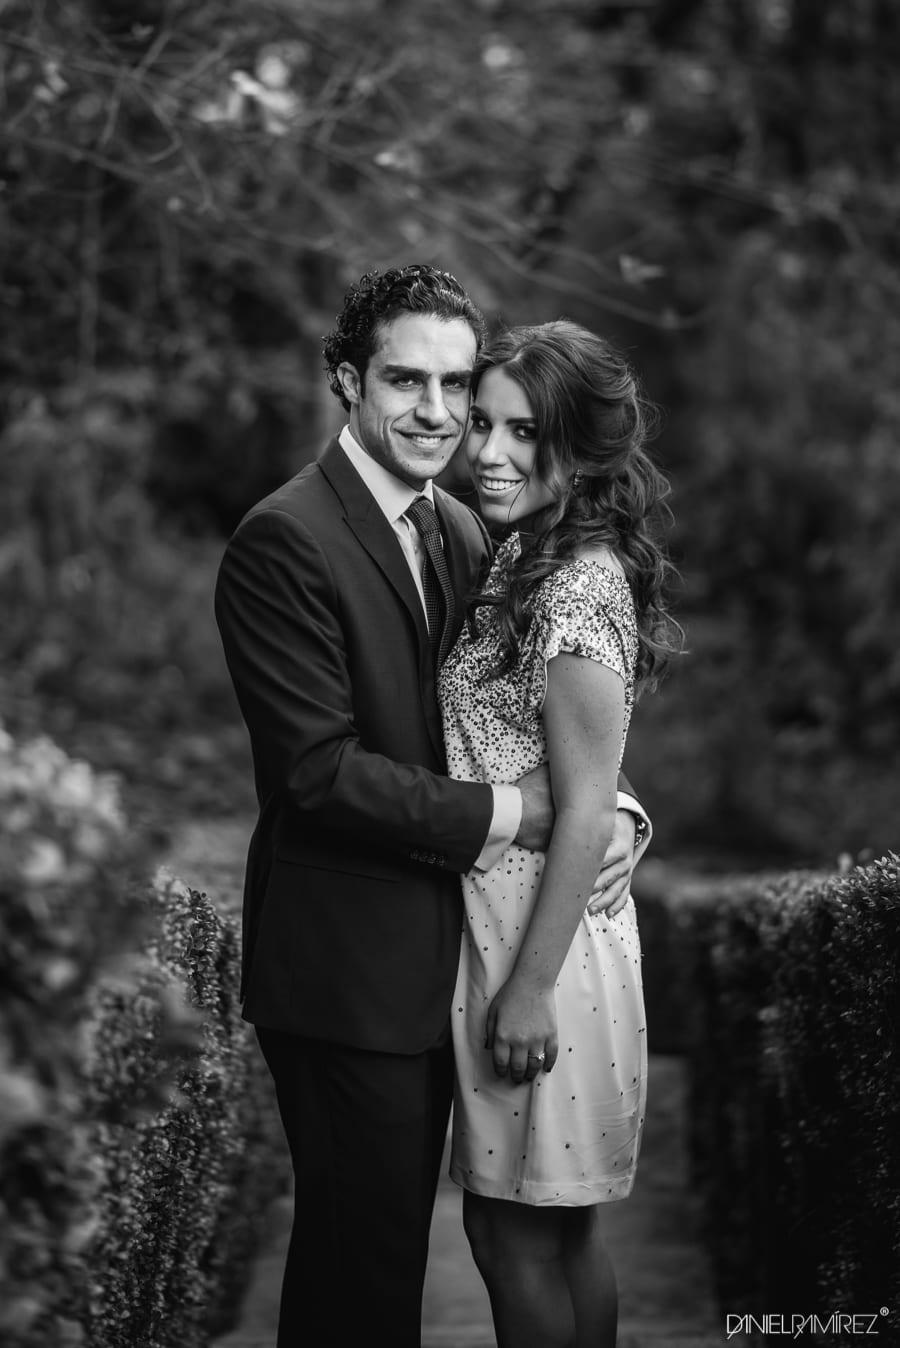 bodas-en-ciudad-de-mexico-fotografos-B-1